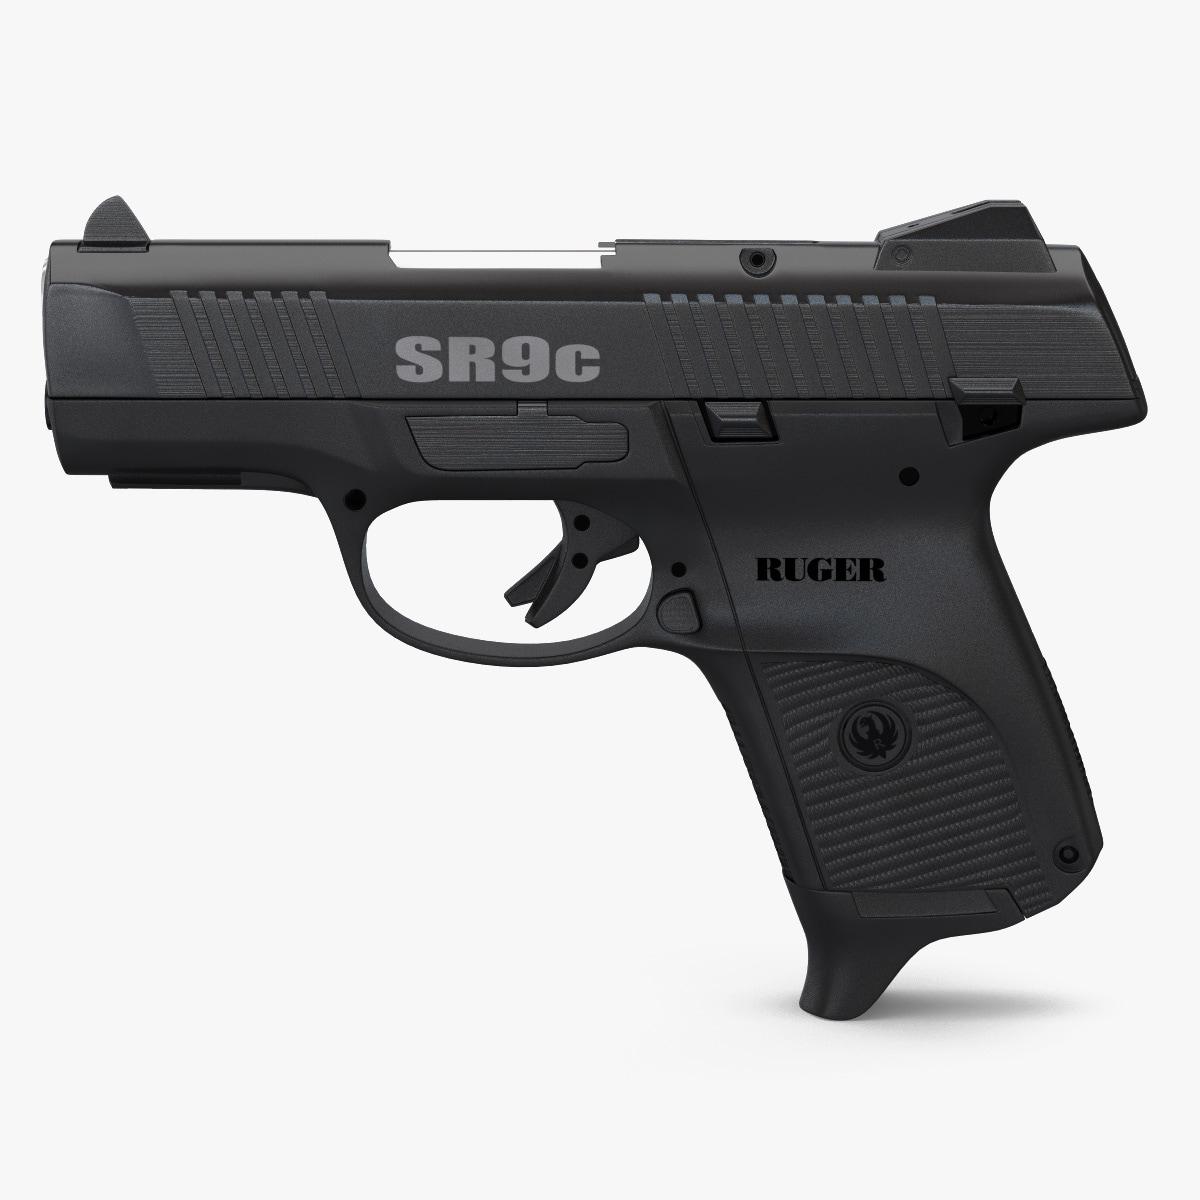 Compact_Pistol_Ruger_SR9c_000.jpg